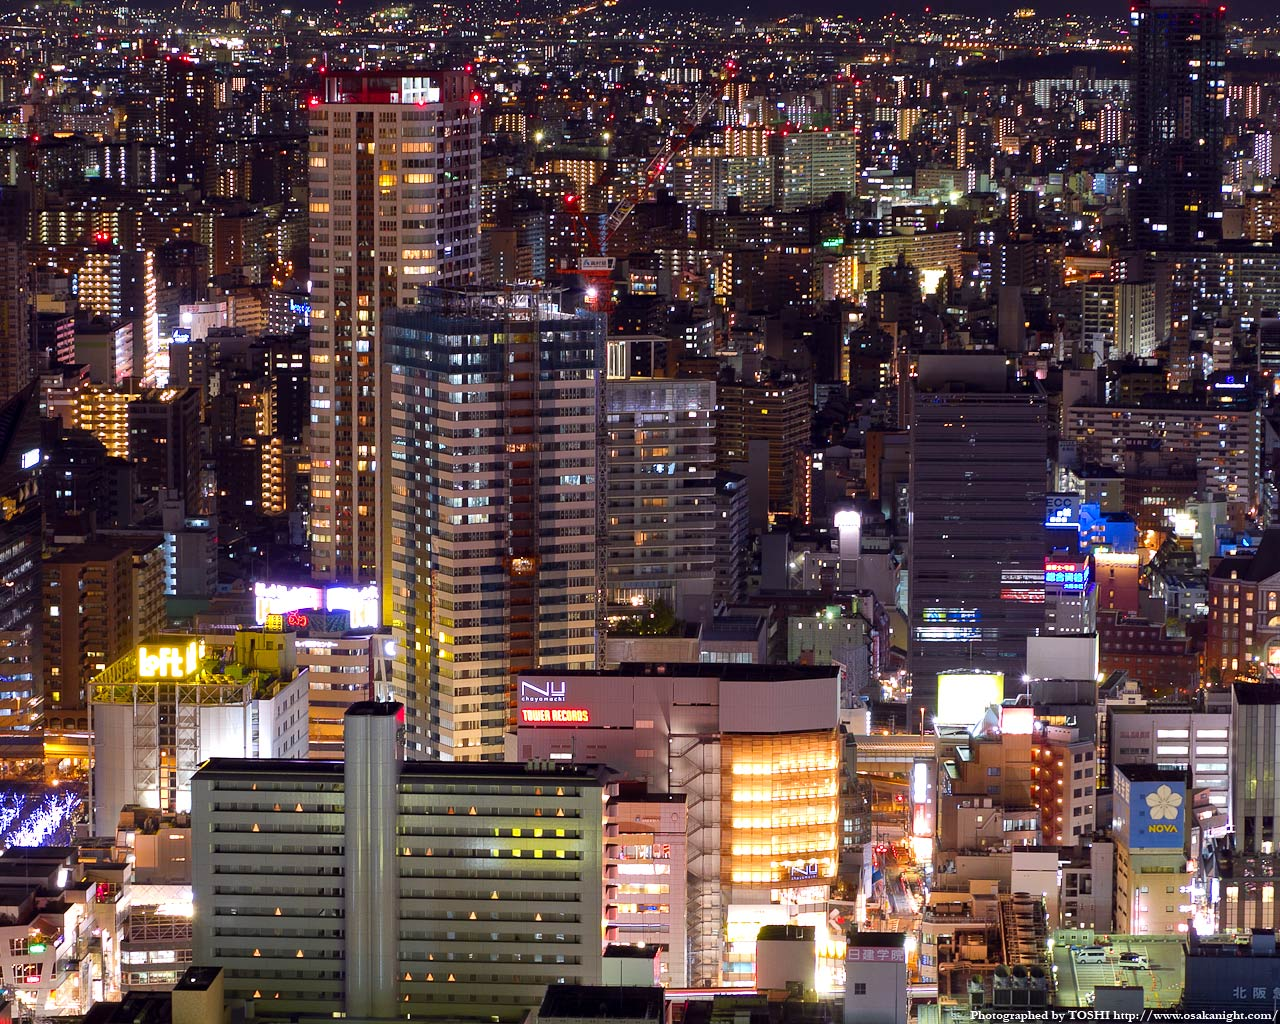 梅田ロフト〜Nu茶屋町周辺の夜景